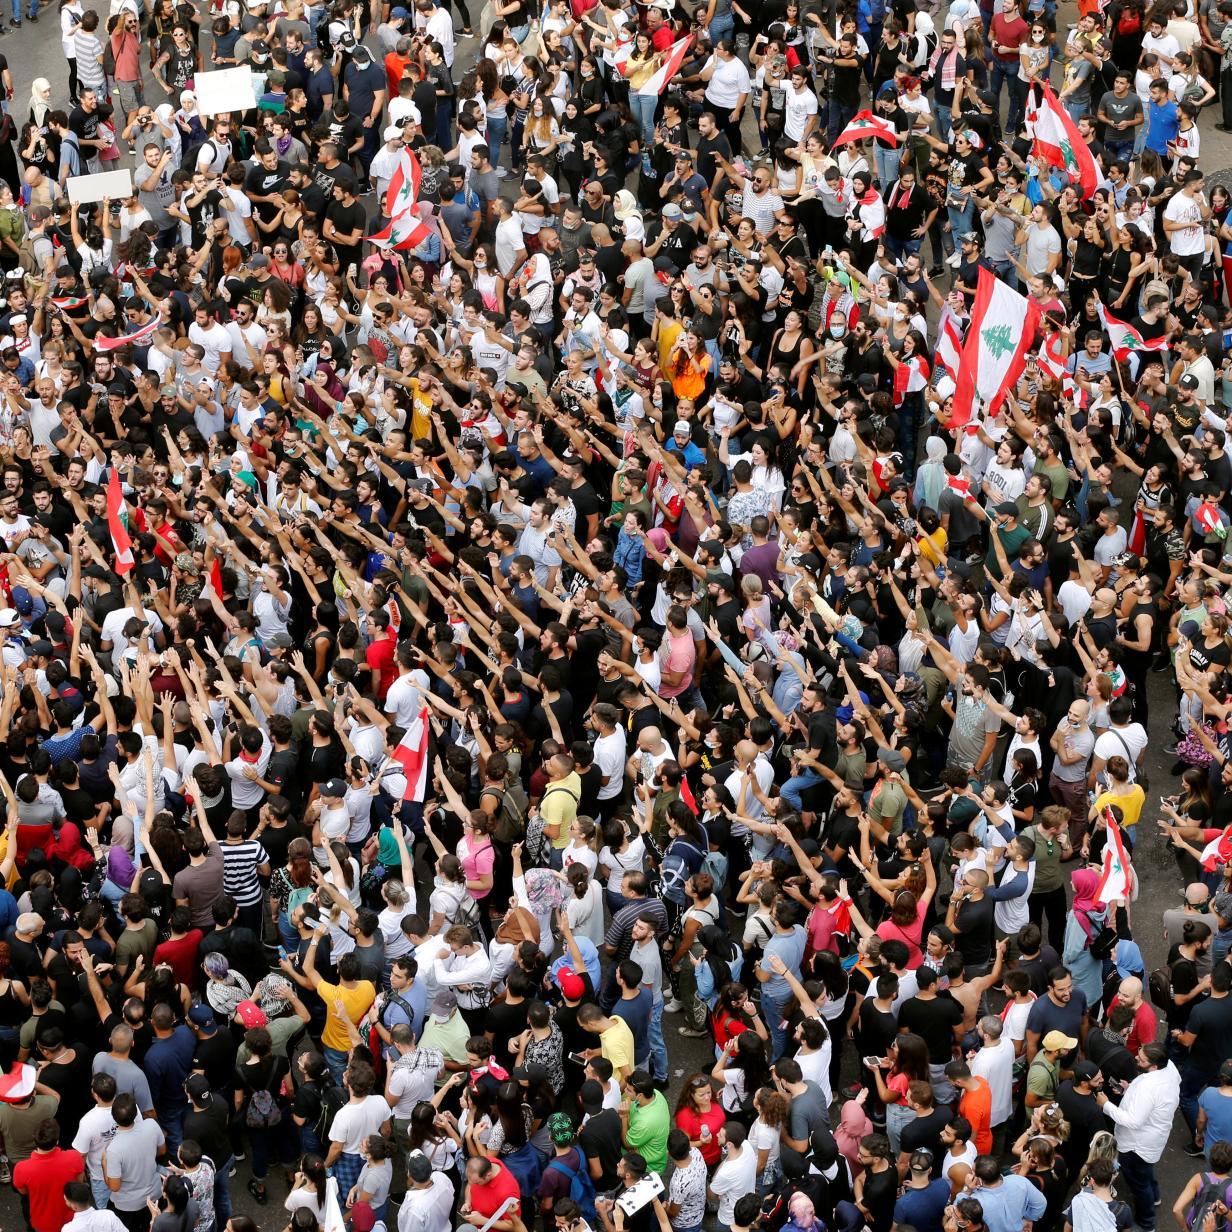 Tausende protestieren im Libanon - auch wegen Whatsapp